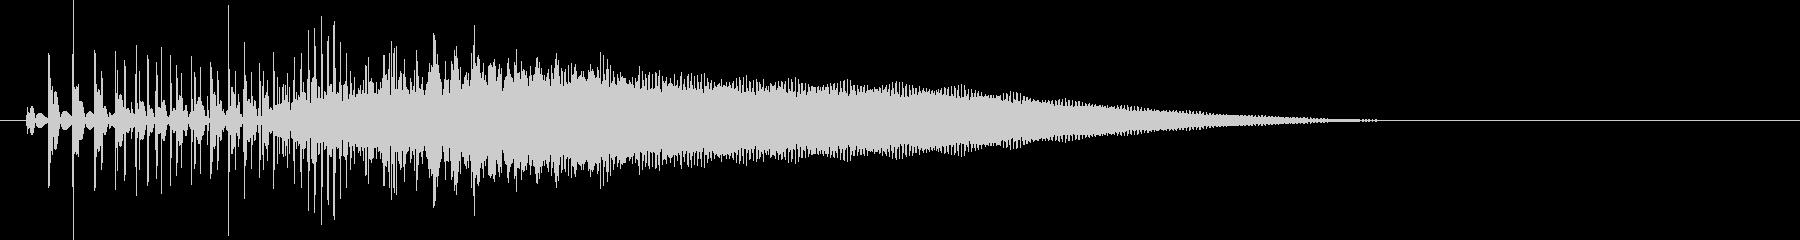 8bit音源の(波動砲ビーム音)1の未再生の波形